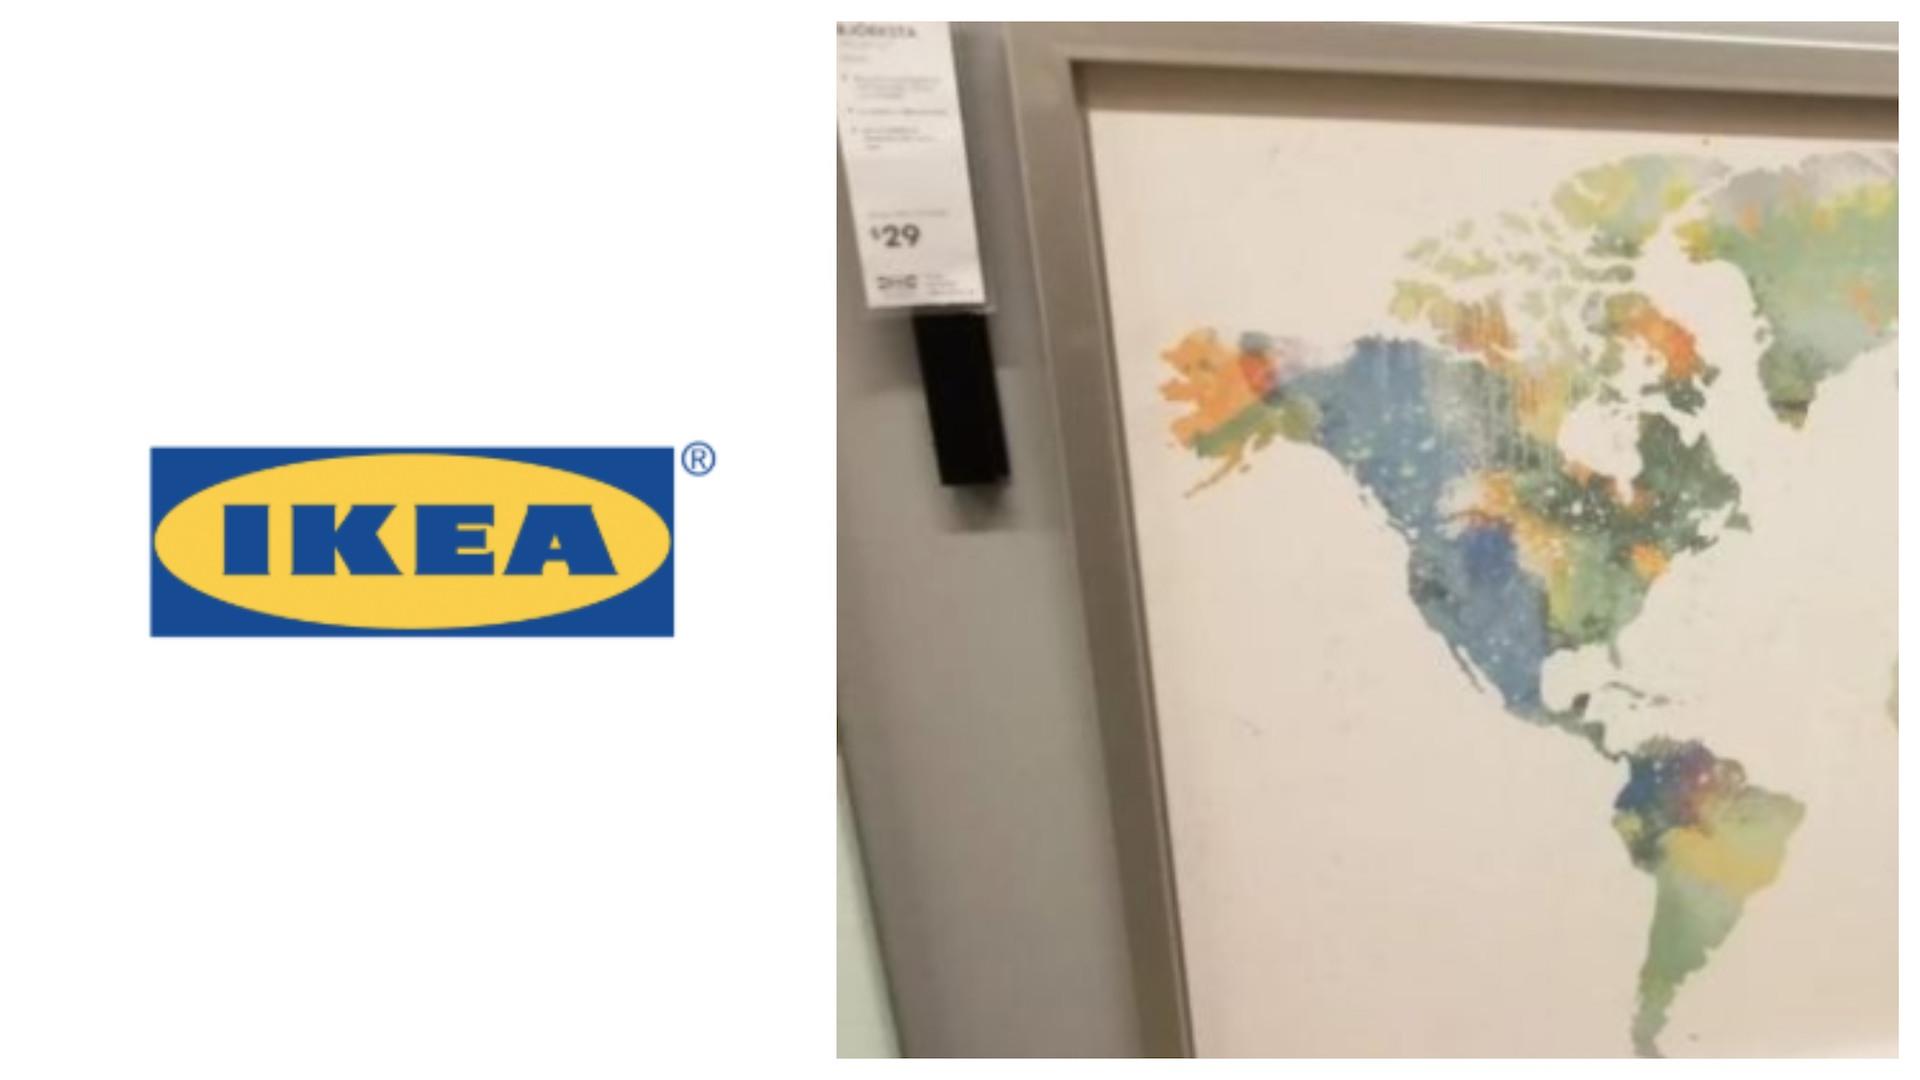 Ikea Celi Kritike Na Svojej Mape Sveta Zabudla Na Jednu Krajinu